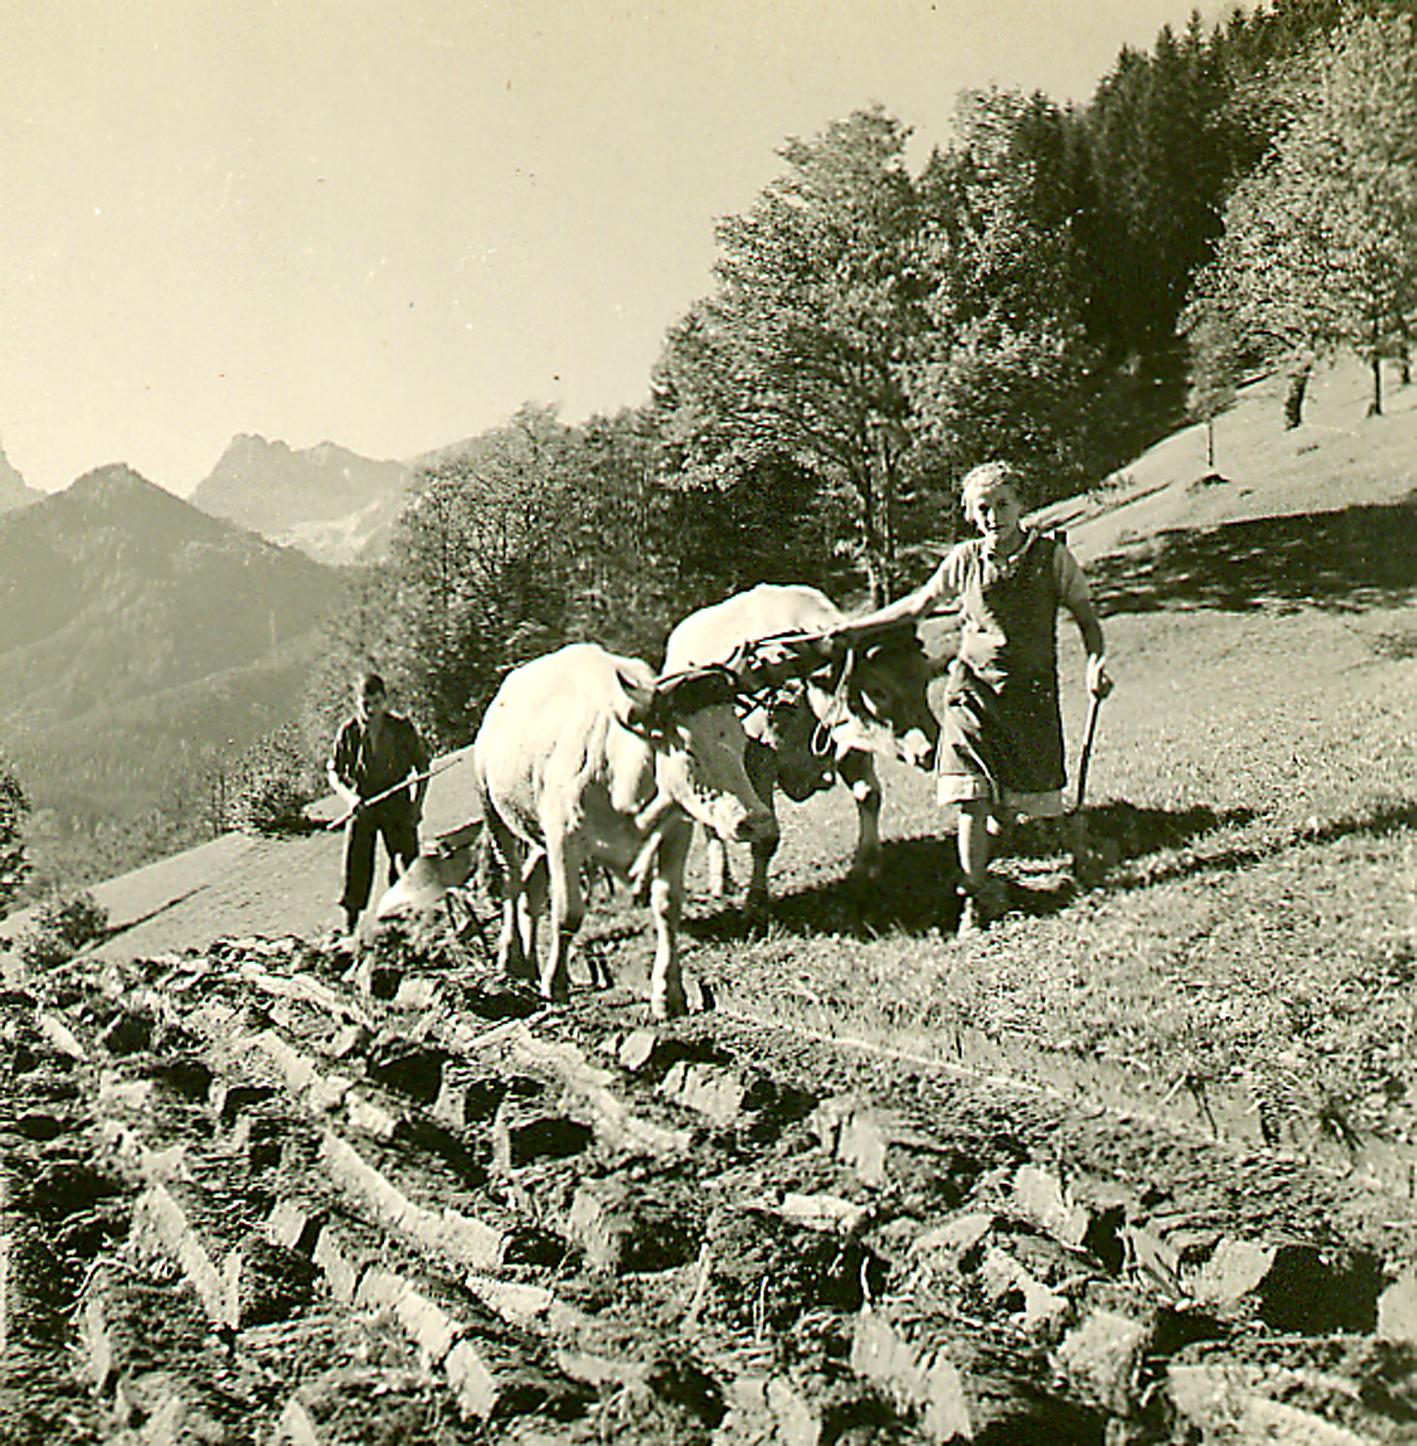 Am Bauernhof Der Träume